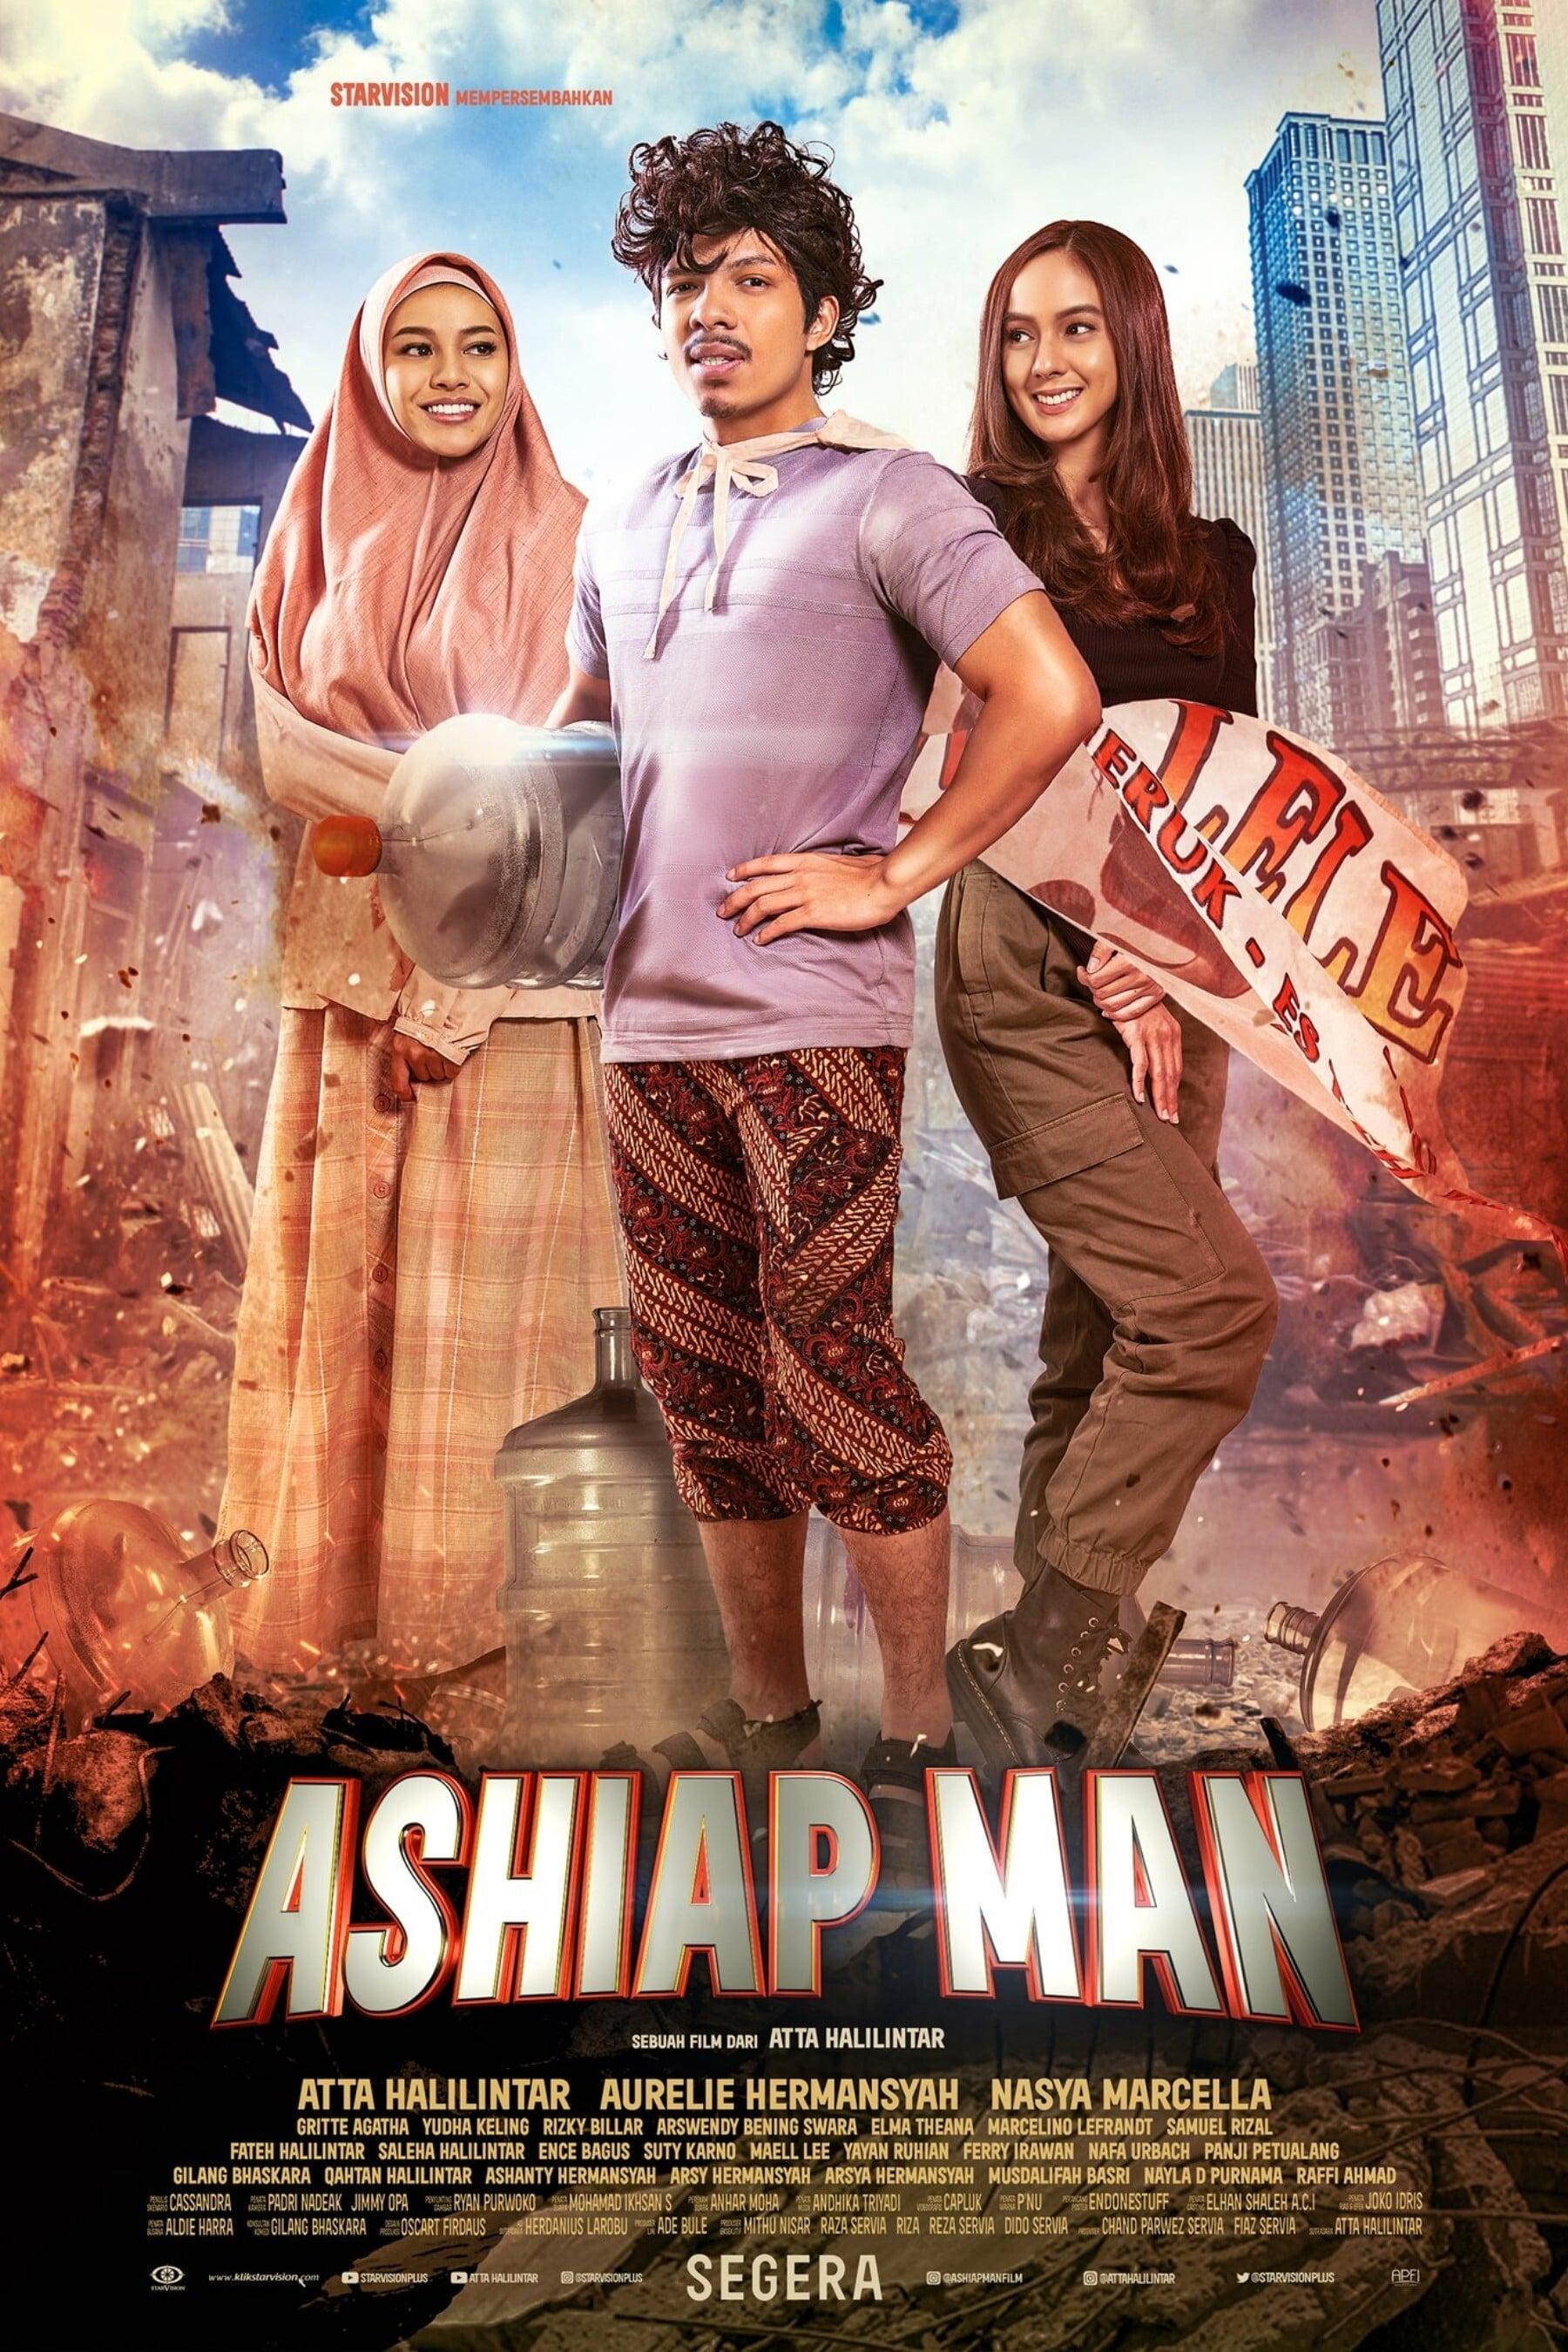 Ashiap Man